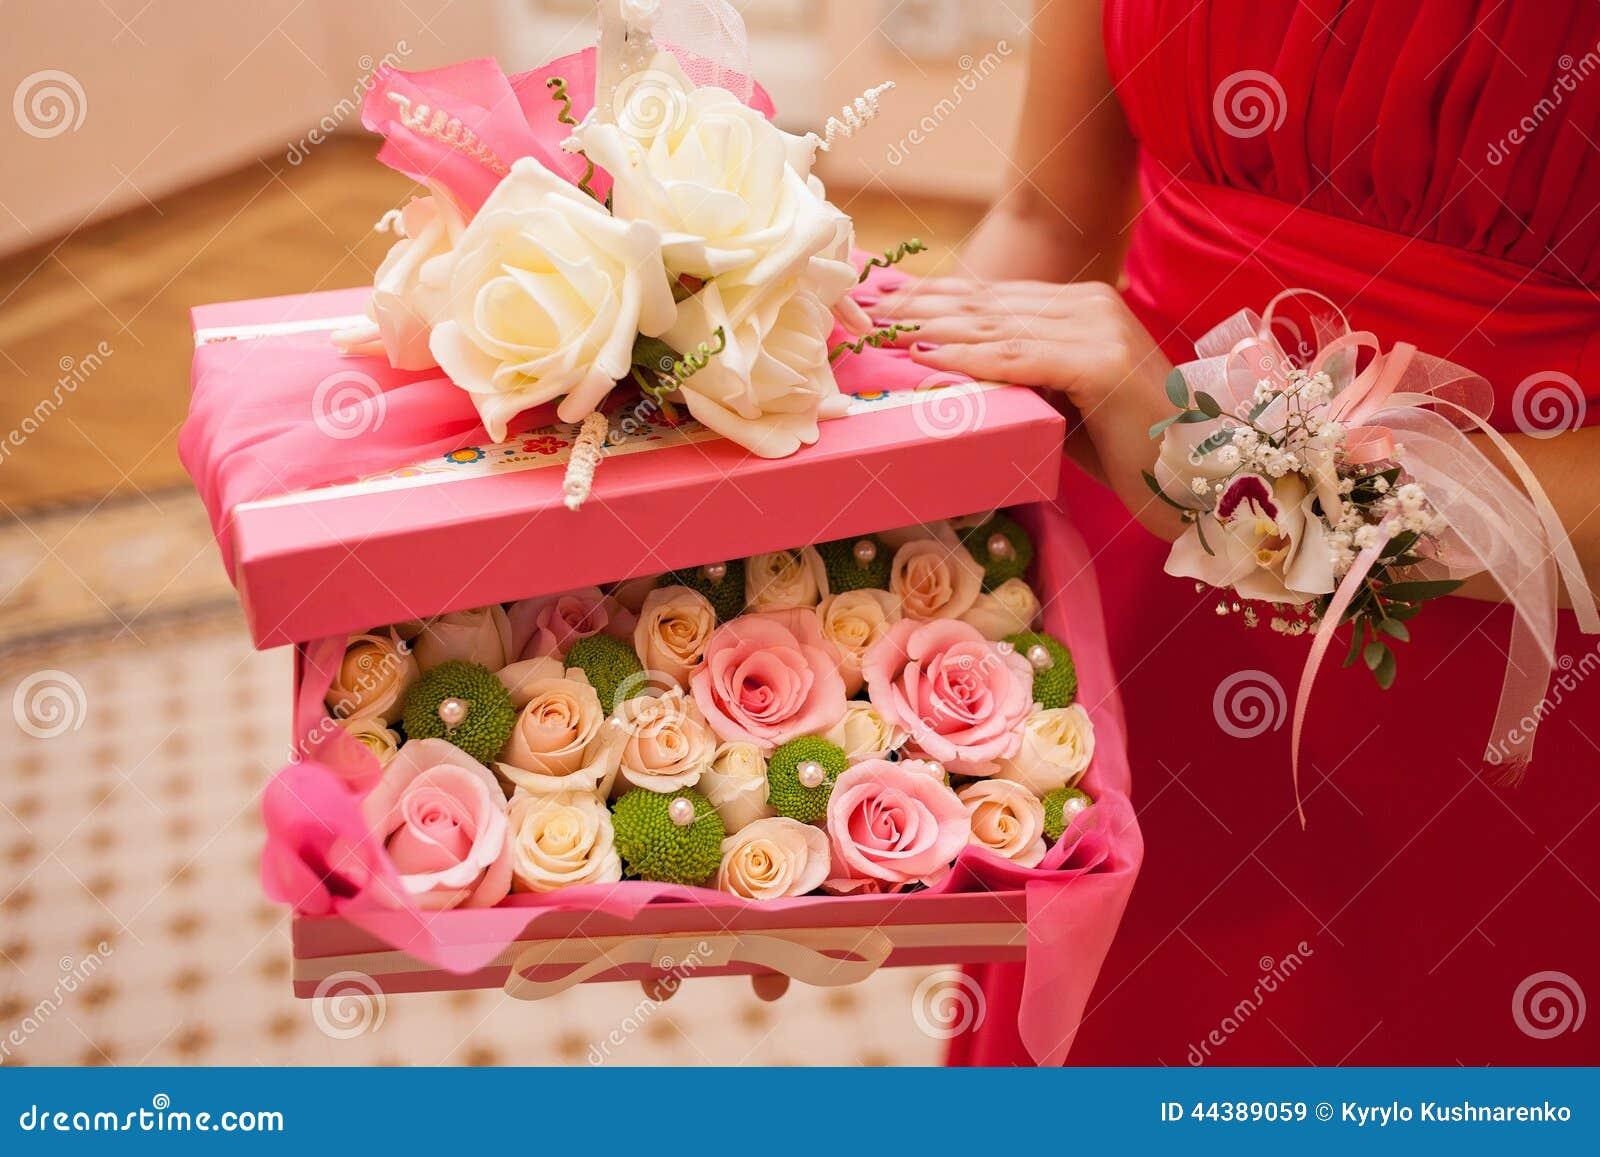 Boite de fleurs roses id e d 39 image de fleur for Bouquet de fleurs dans une boite